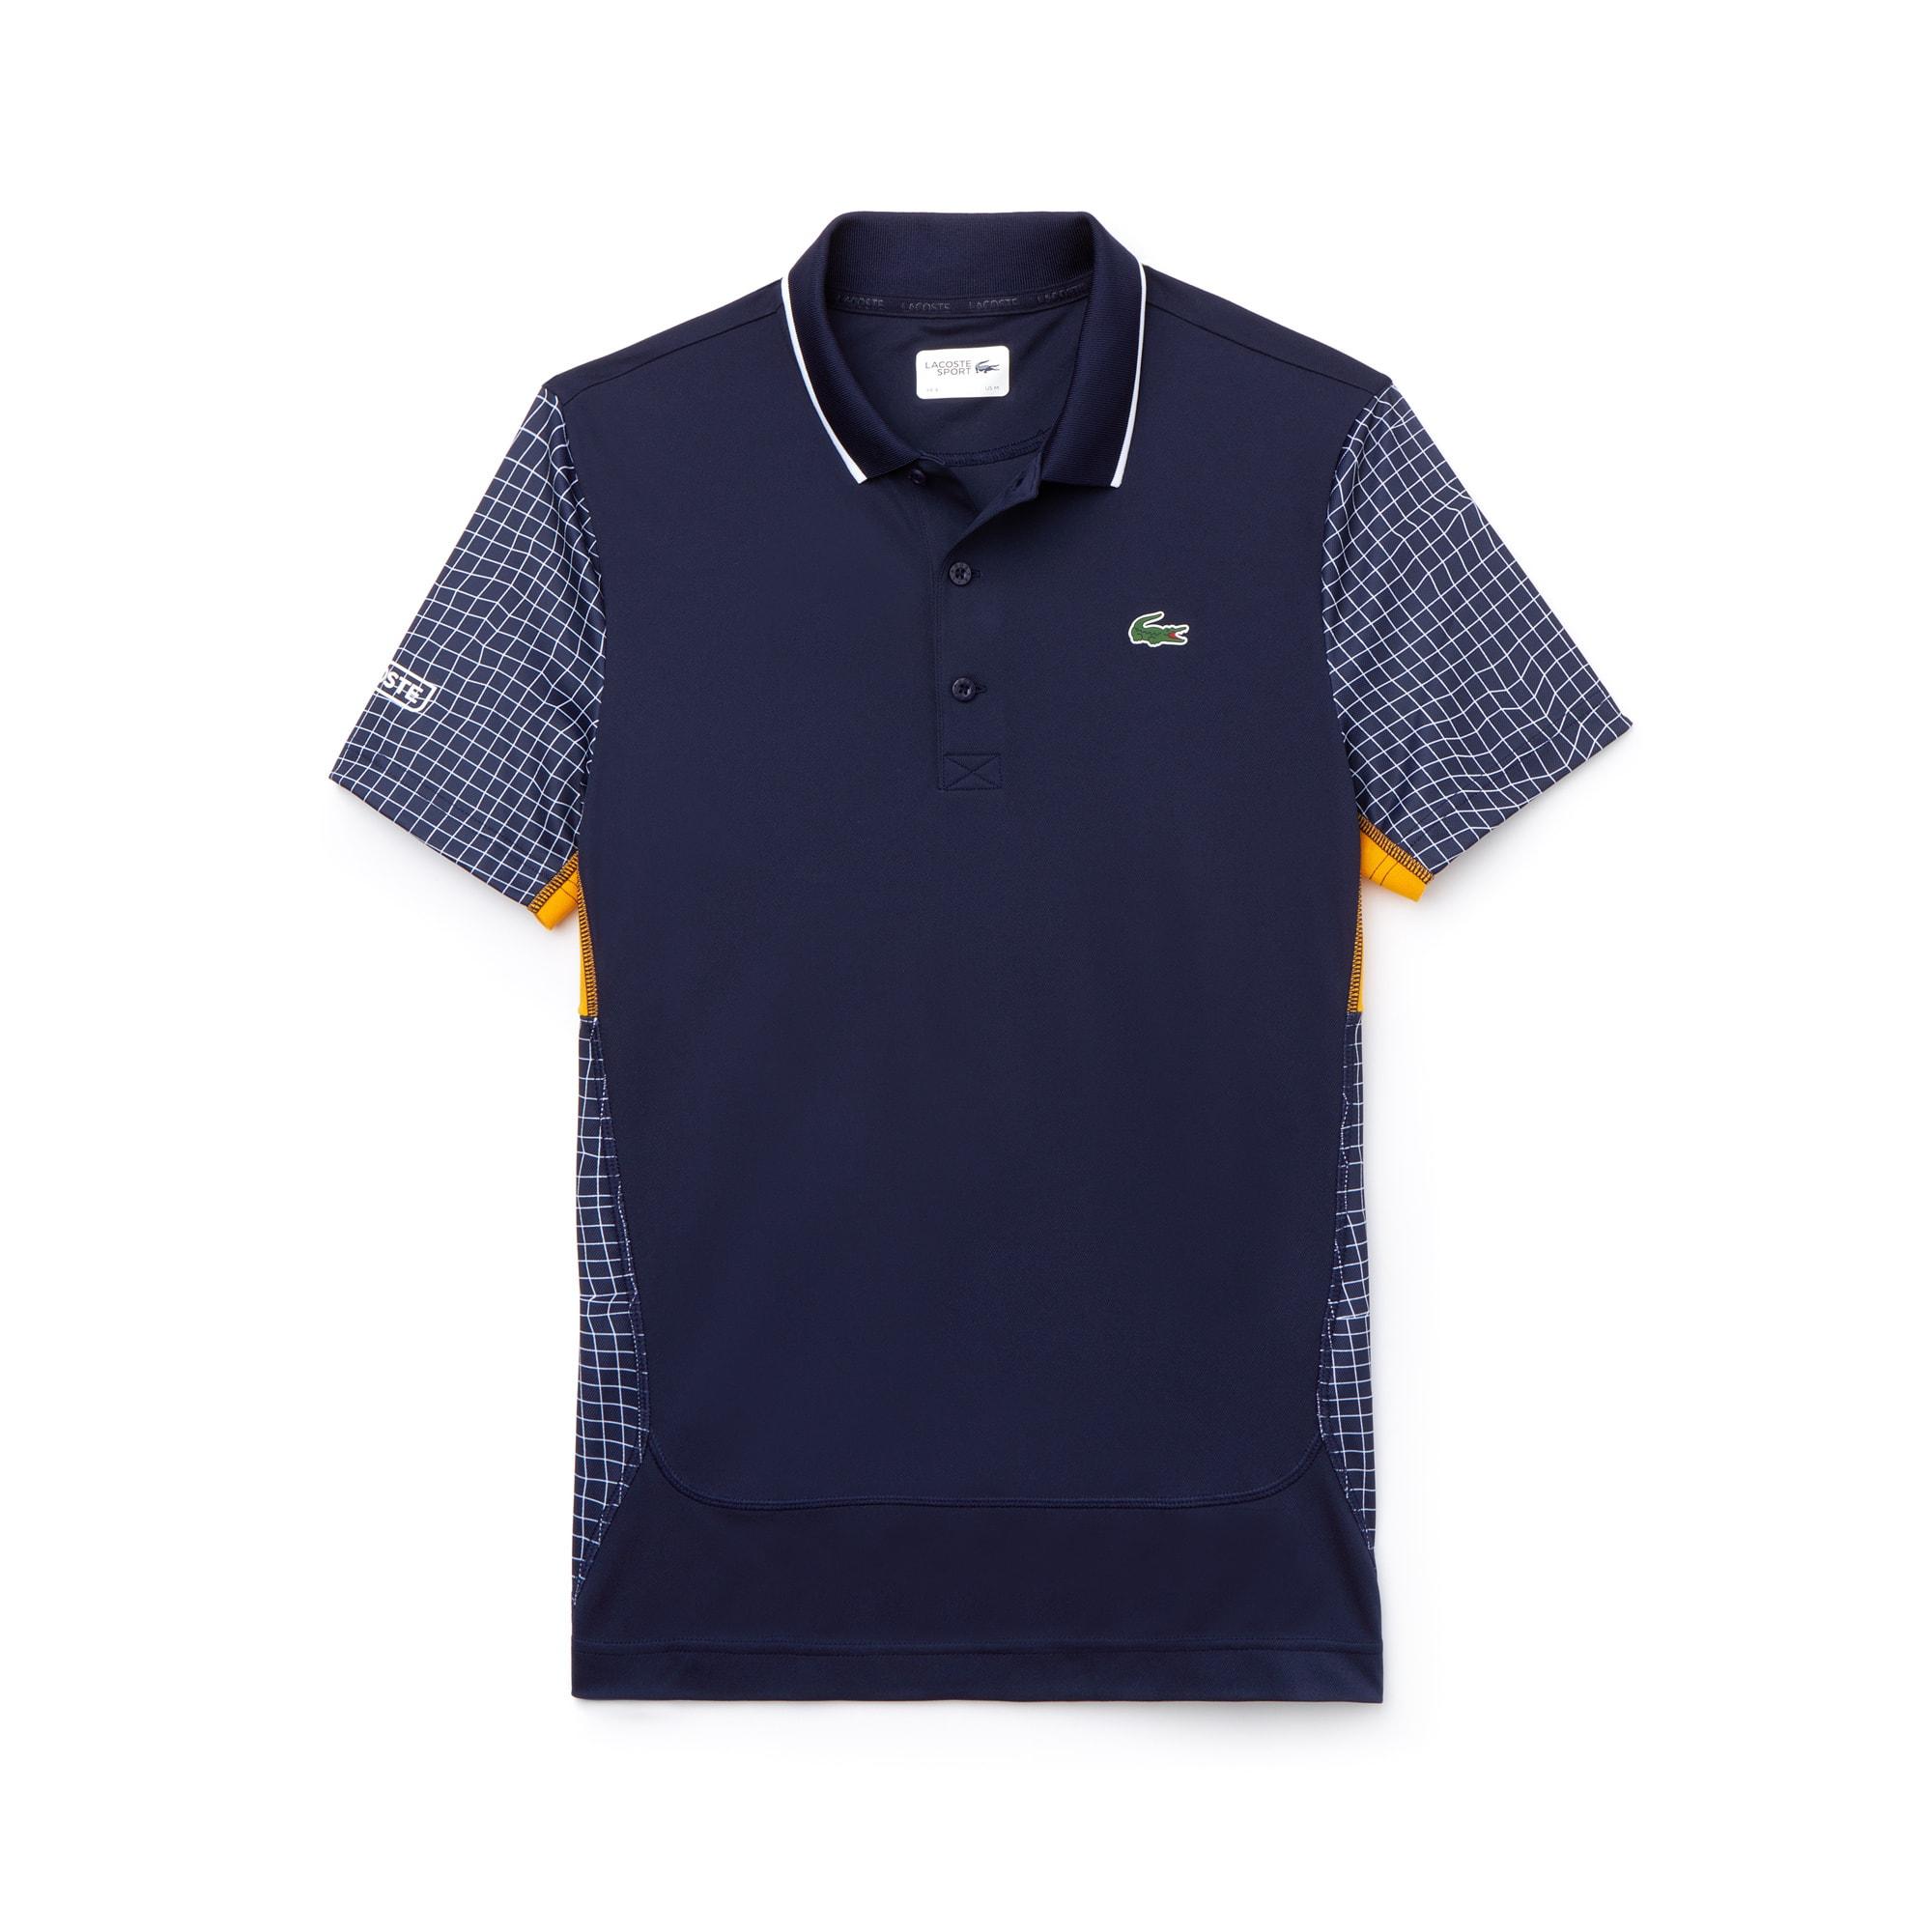 라코스테 Lacoste Mens SPORT Net Print Pique Tennis Polo,navy blue / white / orange / navy blue / white